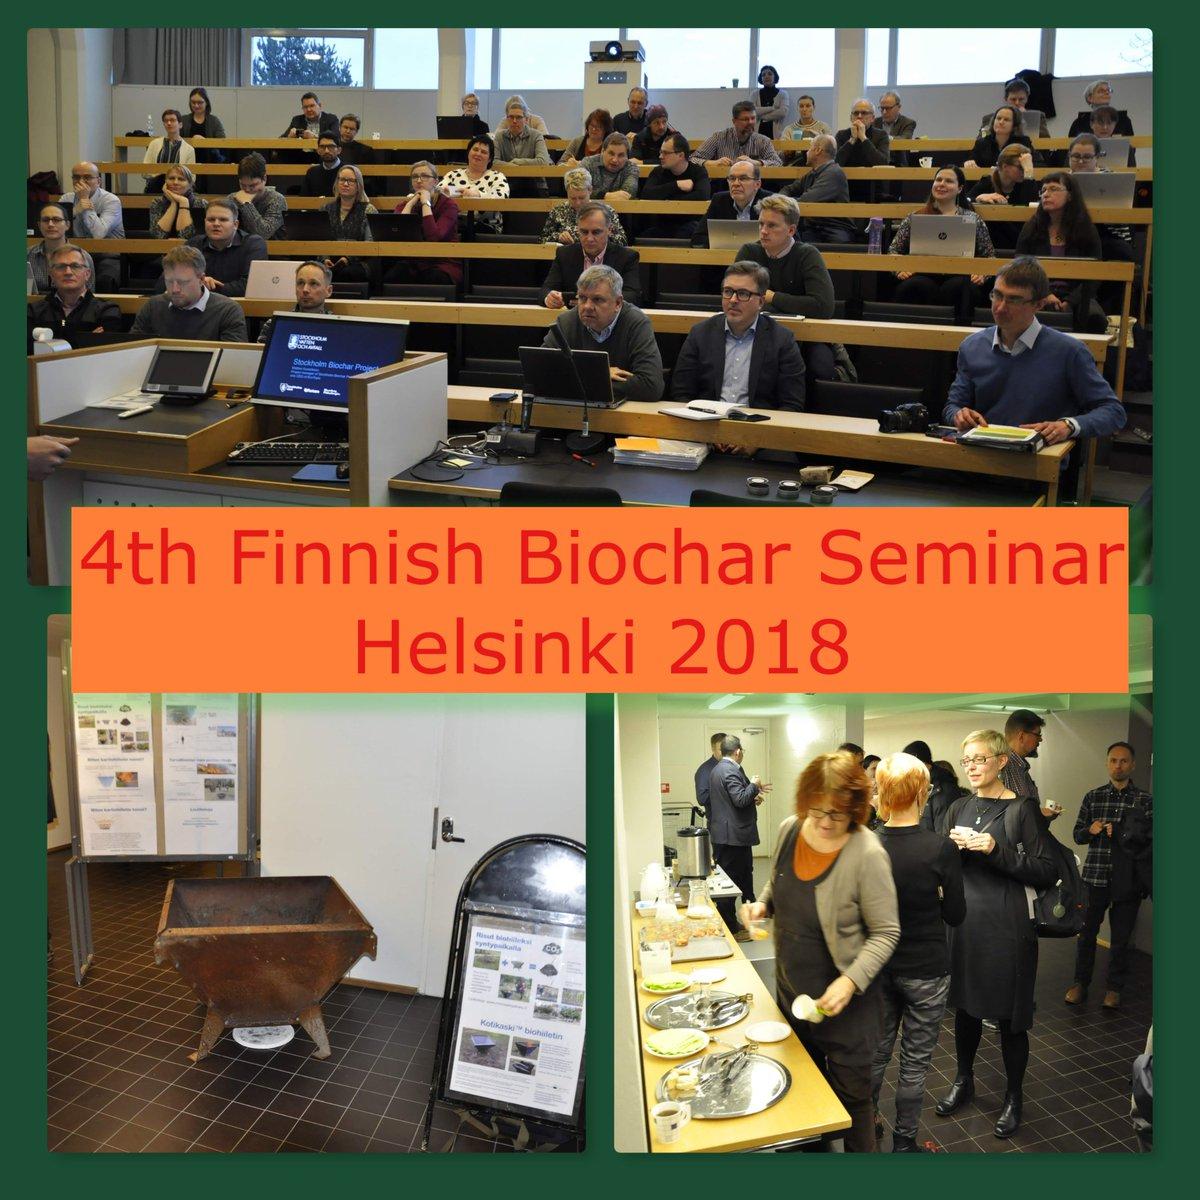 Suomen Biohiiliyhdistys kokoontui erinomaisella osallistujajoukolla, myös @BioKierto paikalla kuten mm @helsinkiuni @LukeFinland @ramboll_fi @UniEastFinland @uniofjyvaskyla @NTNU